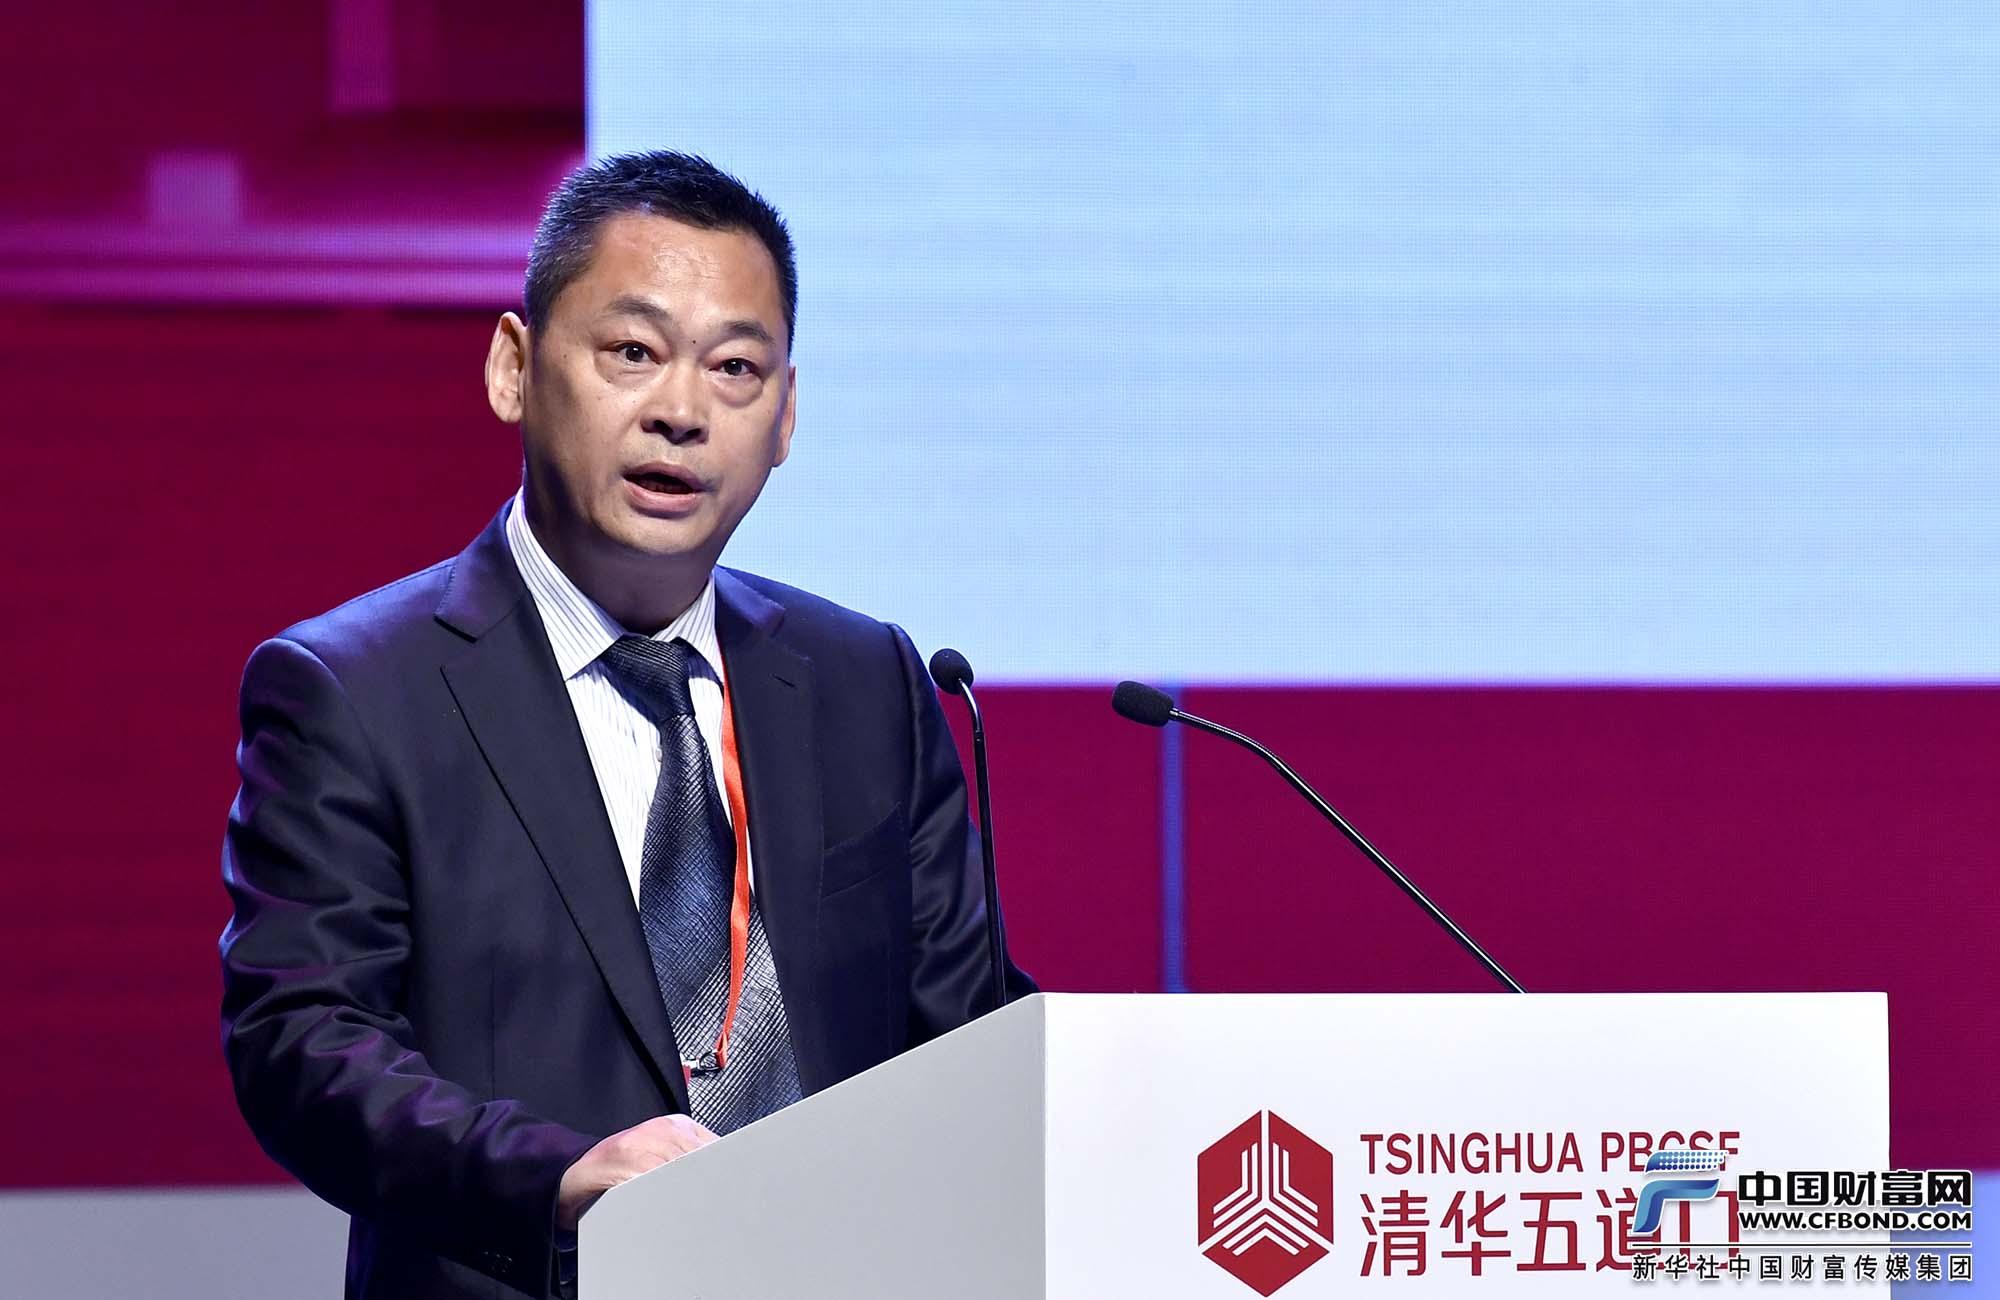 点评嘉宾:中国保险行业协会党委书记邢炜